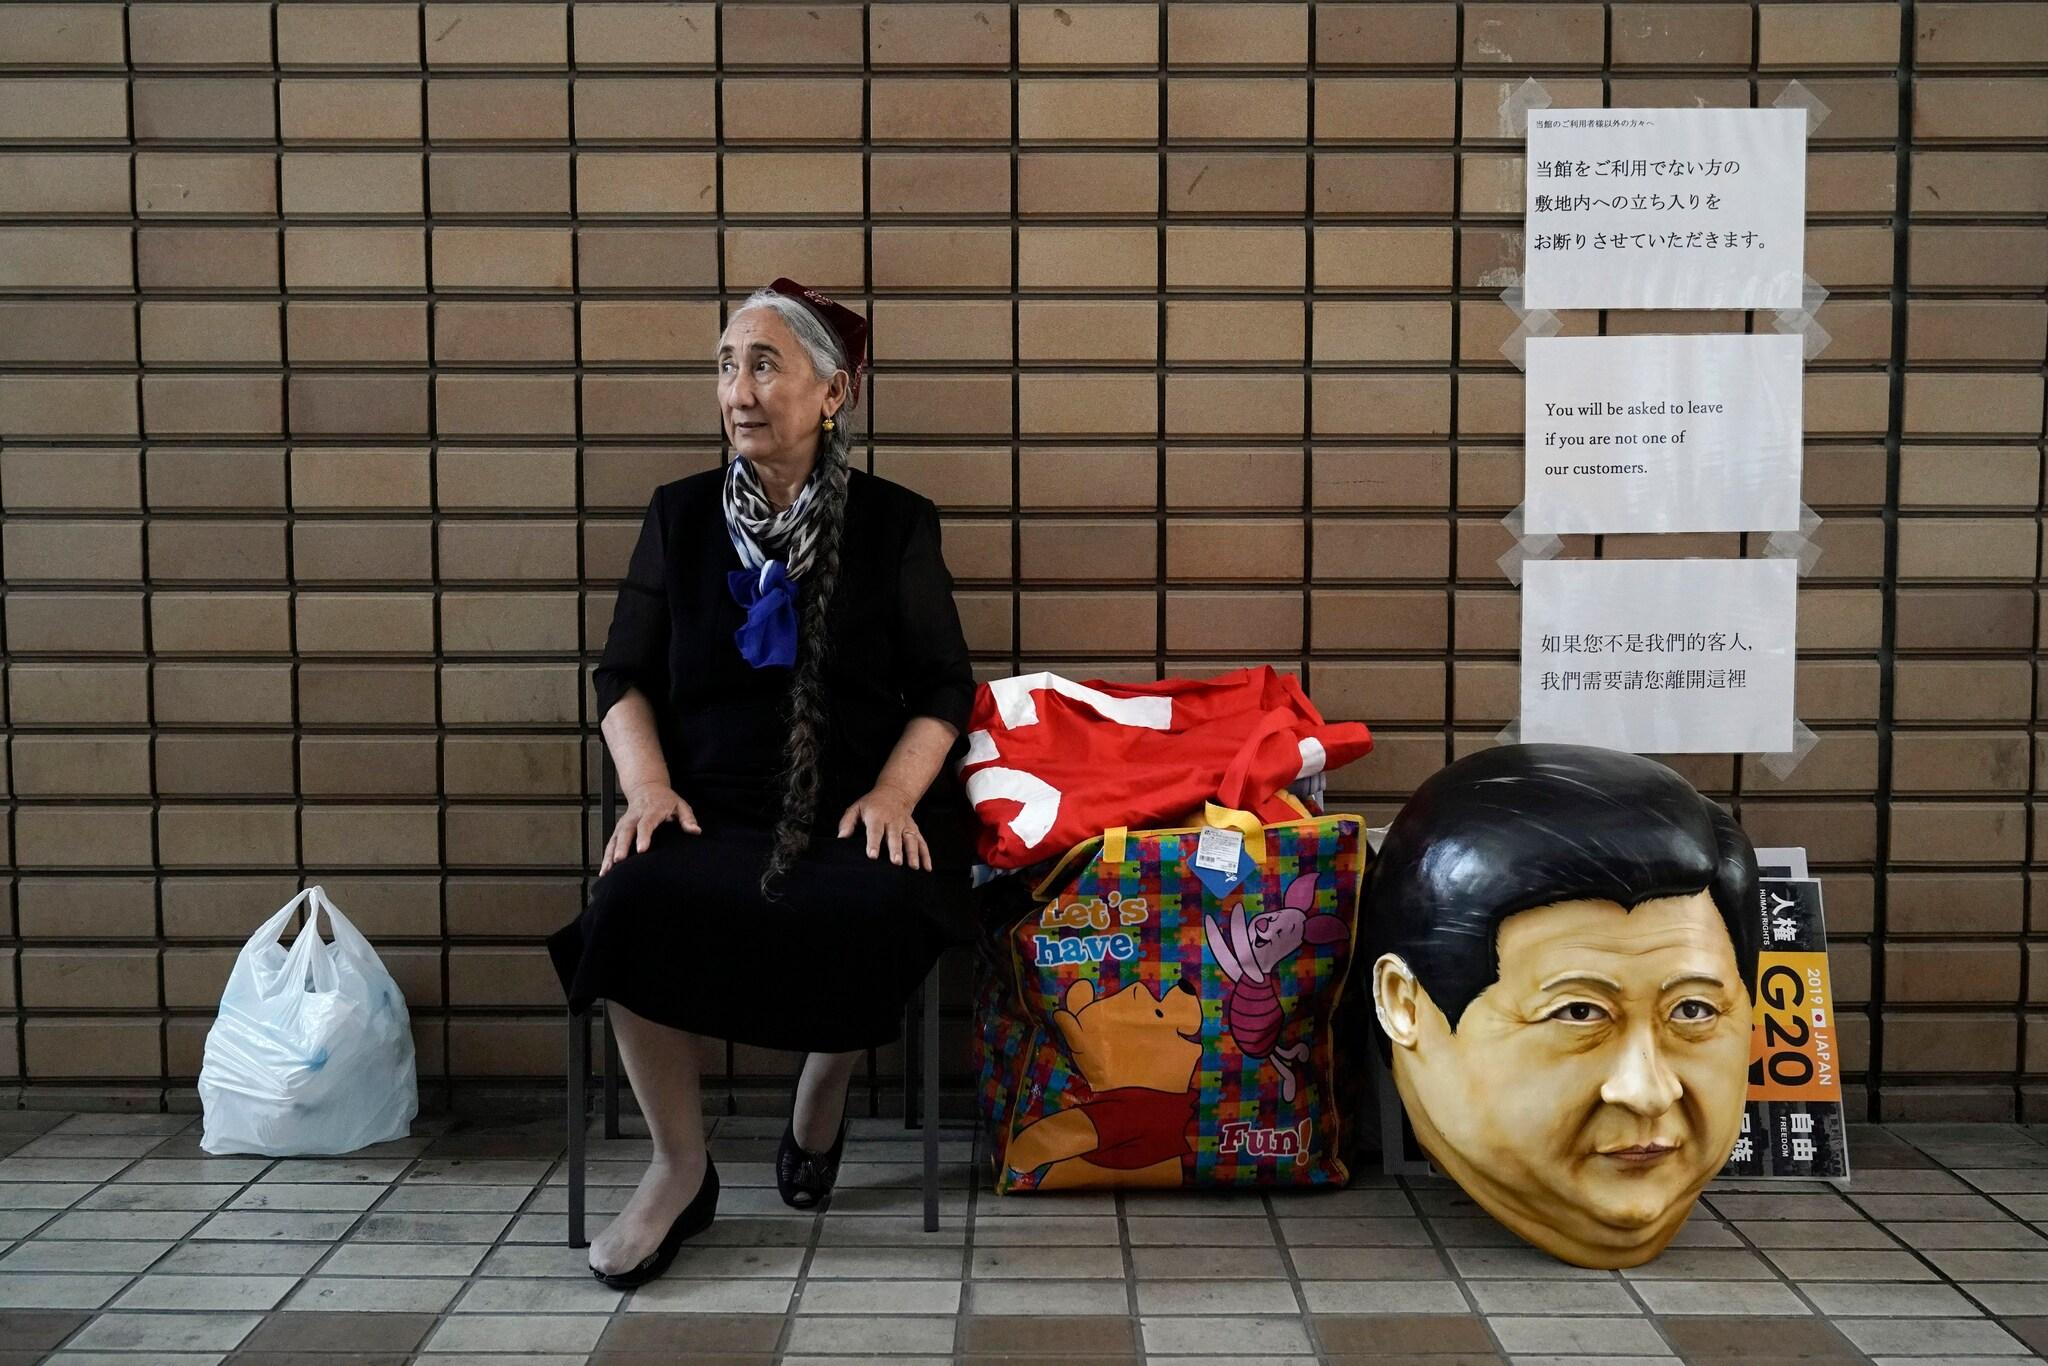 ચીનમાં 2003માં થયેલી જનગણના મુજબ ઉયગર મુસ્લિમોની વસ્તી 90 લાખની આસપાસ છે. જ્યારે અનુમાન છે કે તેમની વસ્તી આનાથી અનેક ધણી વધુ છે. ઉયગર મુસ્લિમો ચીનના 55 અલ્પસંખ્યક સમુદાયોમાં પાંચમો સૌથી મોટો સમુદાય છે. ચીનની સરકાર પર આરોપ લાગતા રહે છે કે તે ઉયગર મુસ્લિમોની સભ્યતાને નાબૂદ કરવાનો પૂરજોશથી પ્રયાસ કરી રહ્યો છે. એટલું જ નહીં તેમના વસ્તી નિયંત્રણ માટે તેમને જબરન ગર્ભનિરોધક અને અબોર્શન પણ કરાવી રહ્યો છે. ફોટો પીટીઆઇ